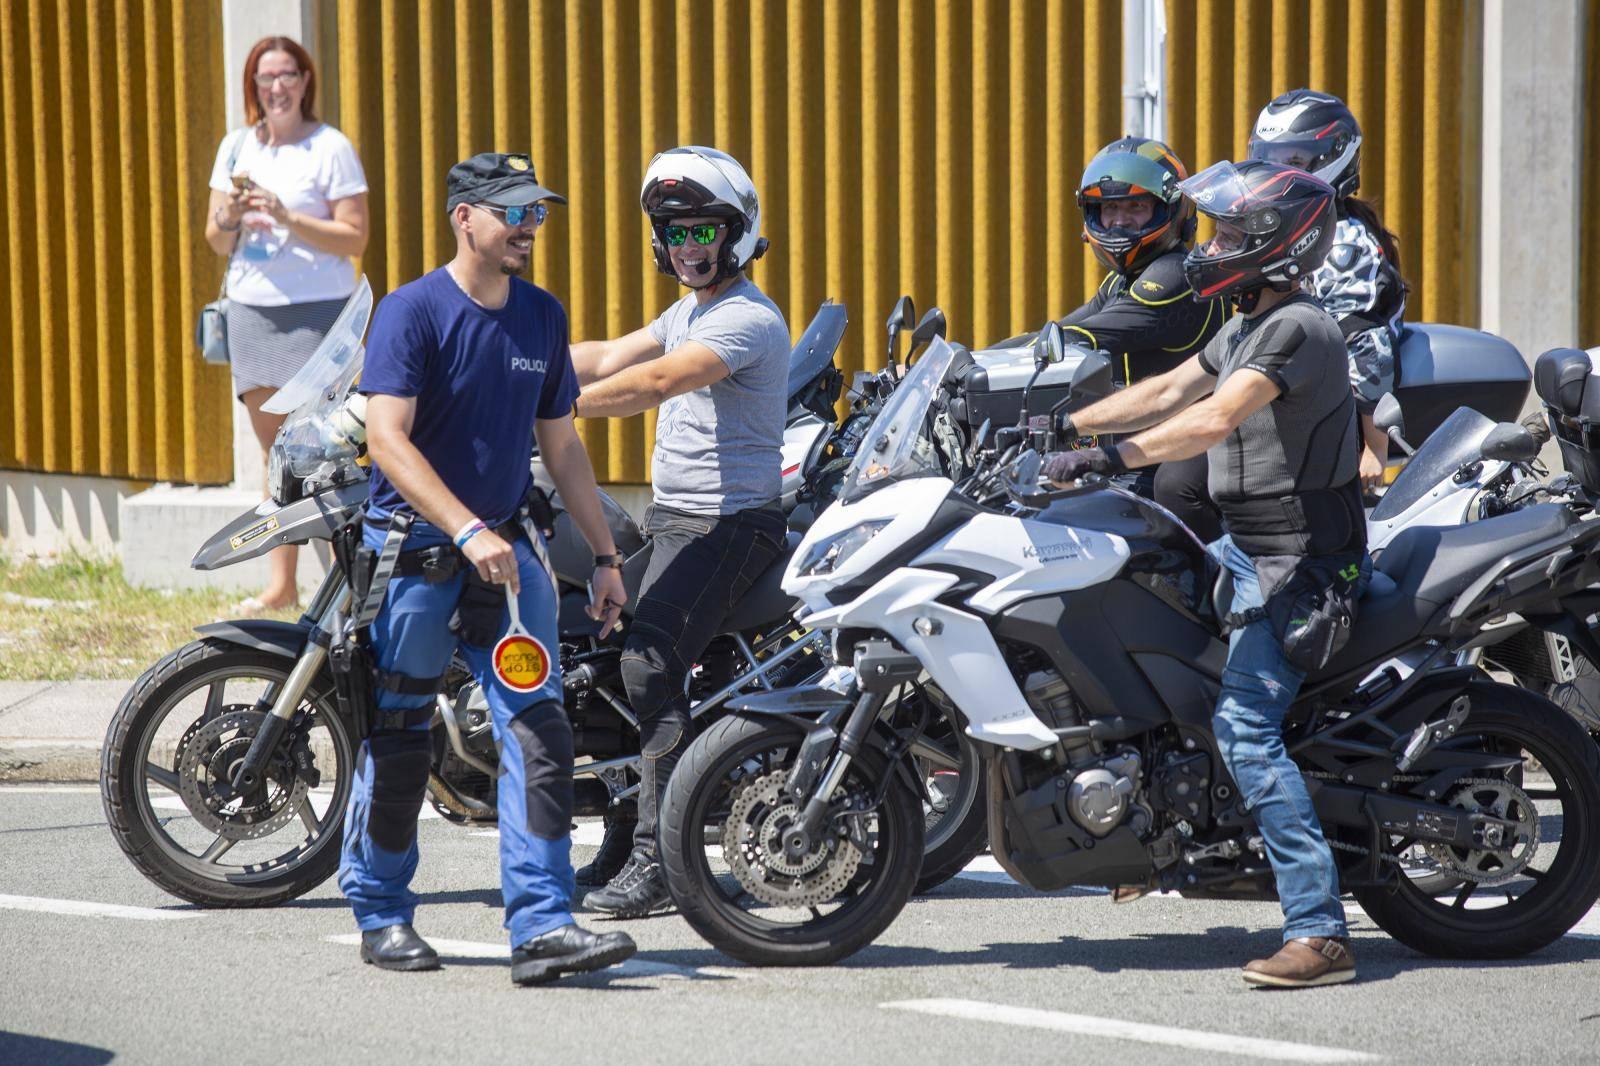 Motociklistima  stižu kazne do 7 tisuća kuna radi prosvjeda